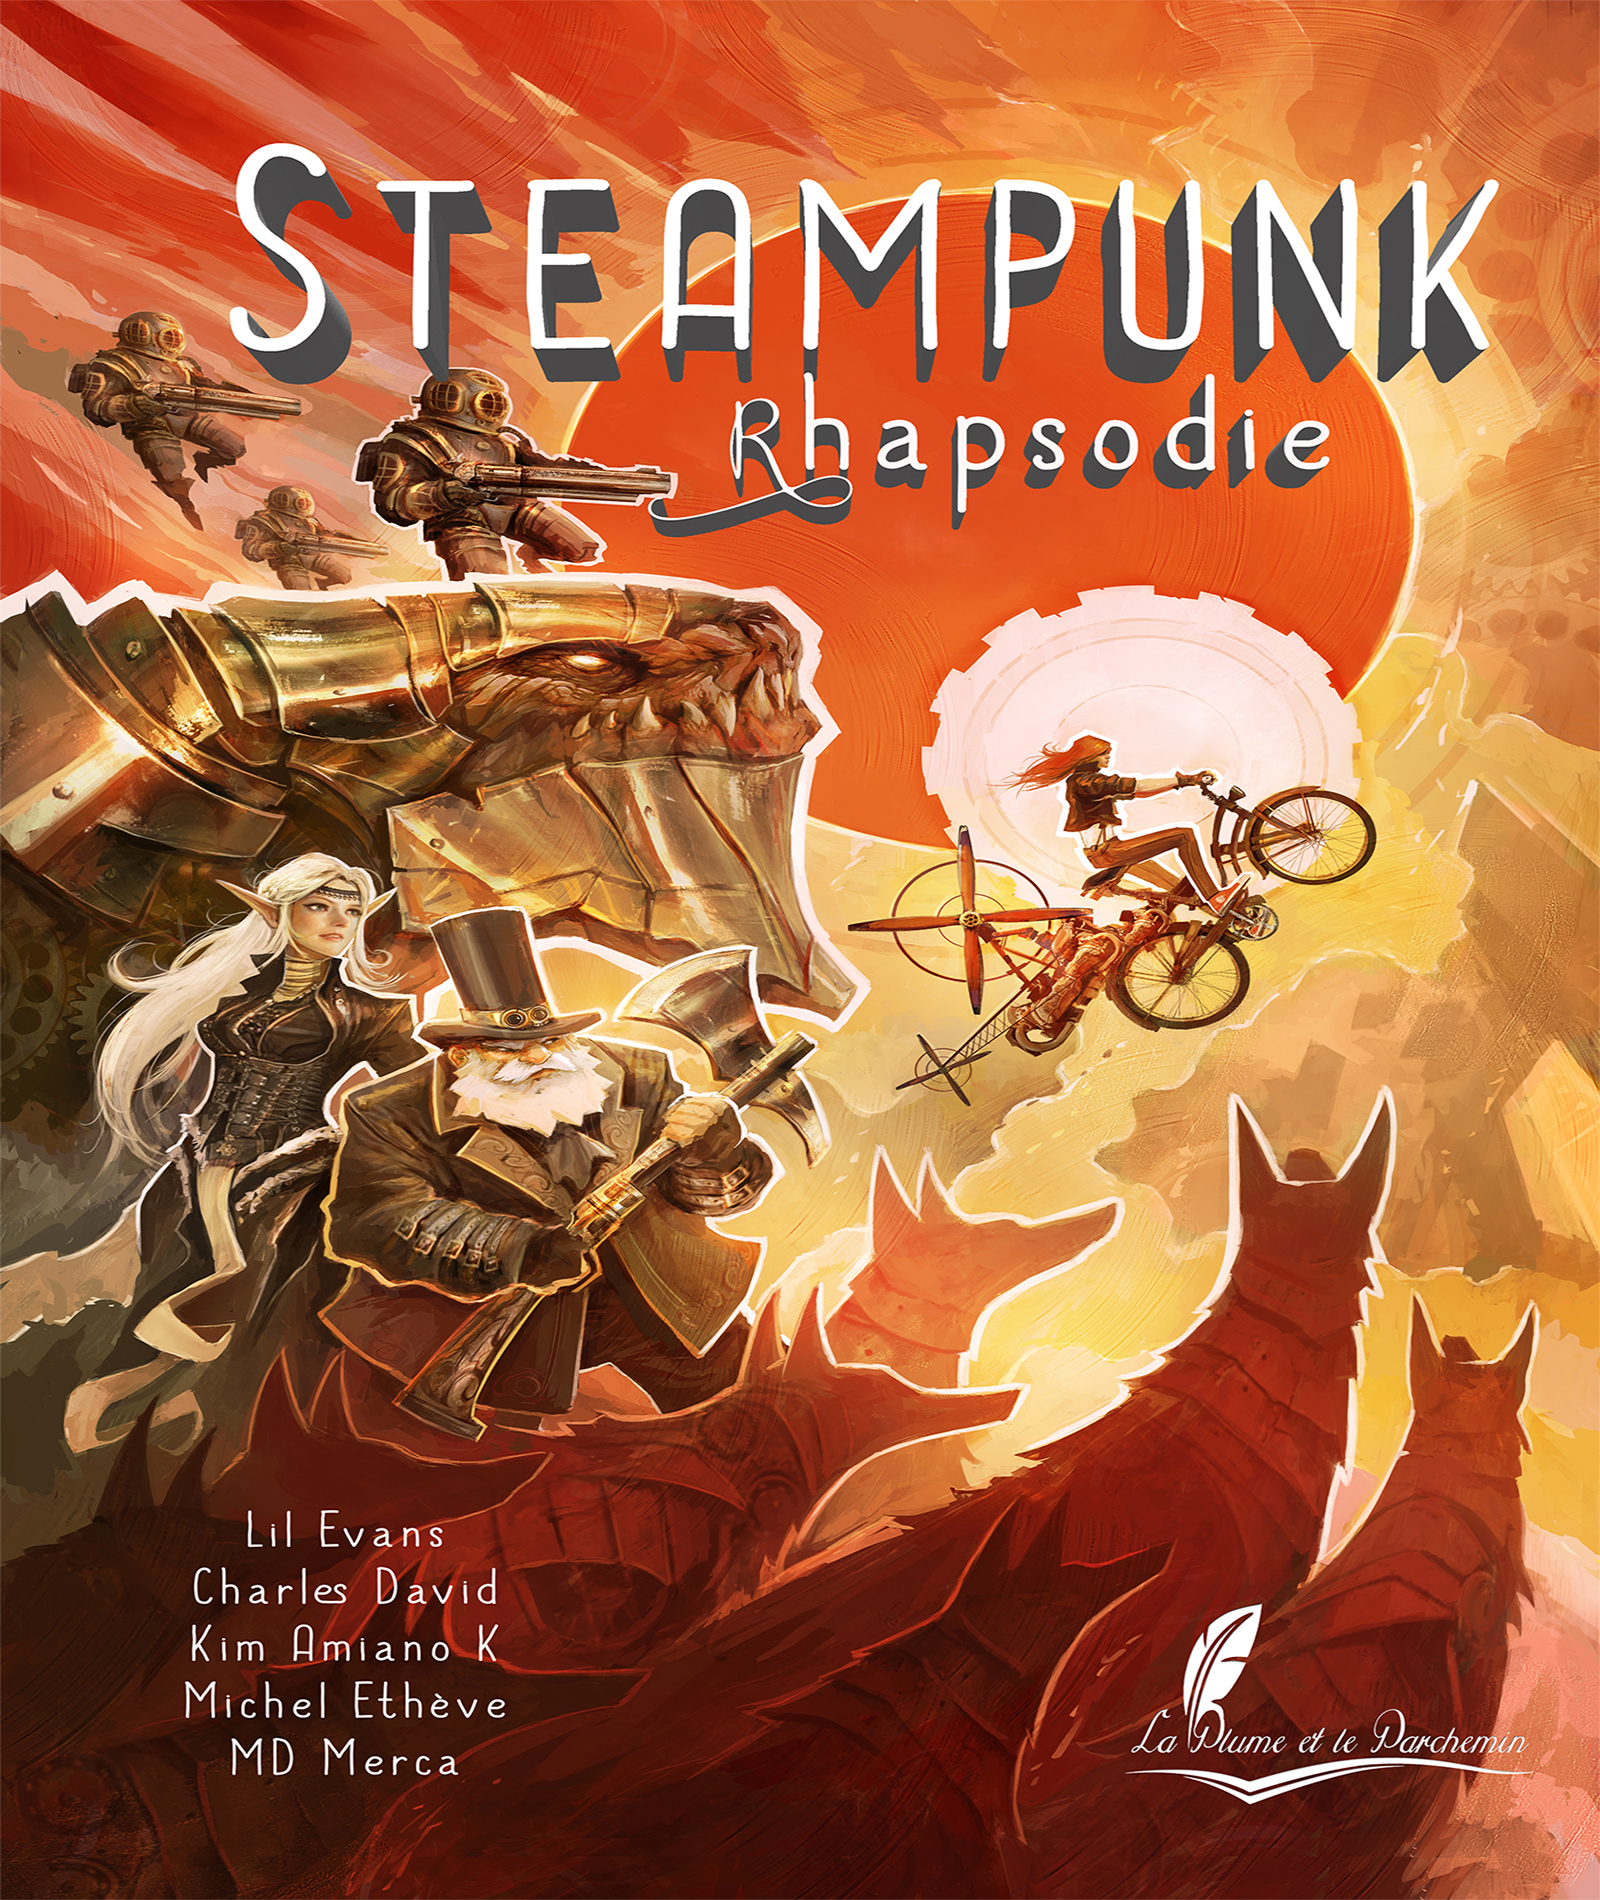 Steampunk Rhapsodie